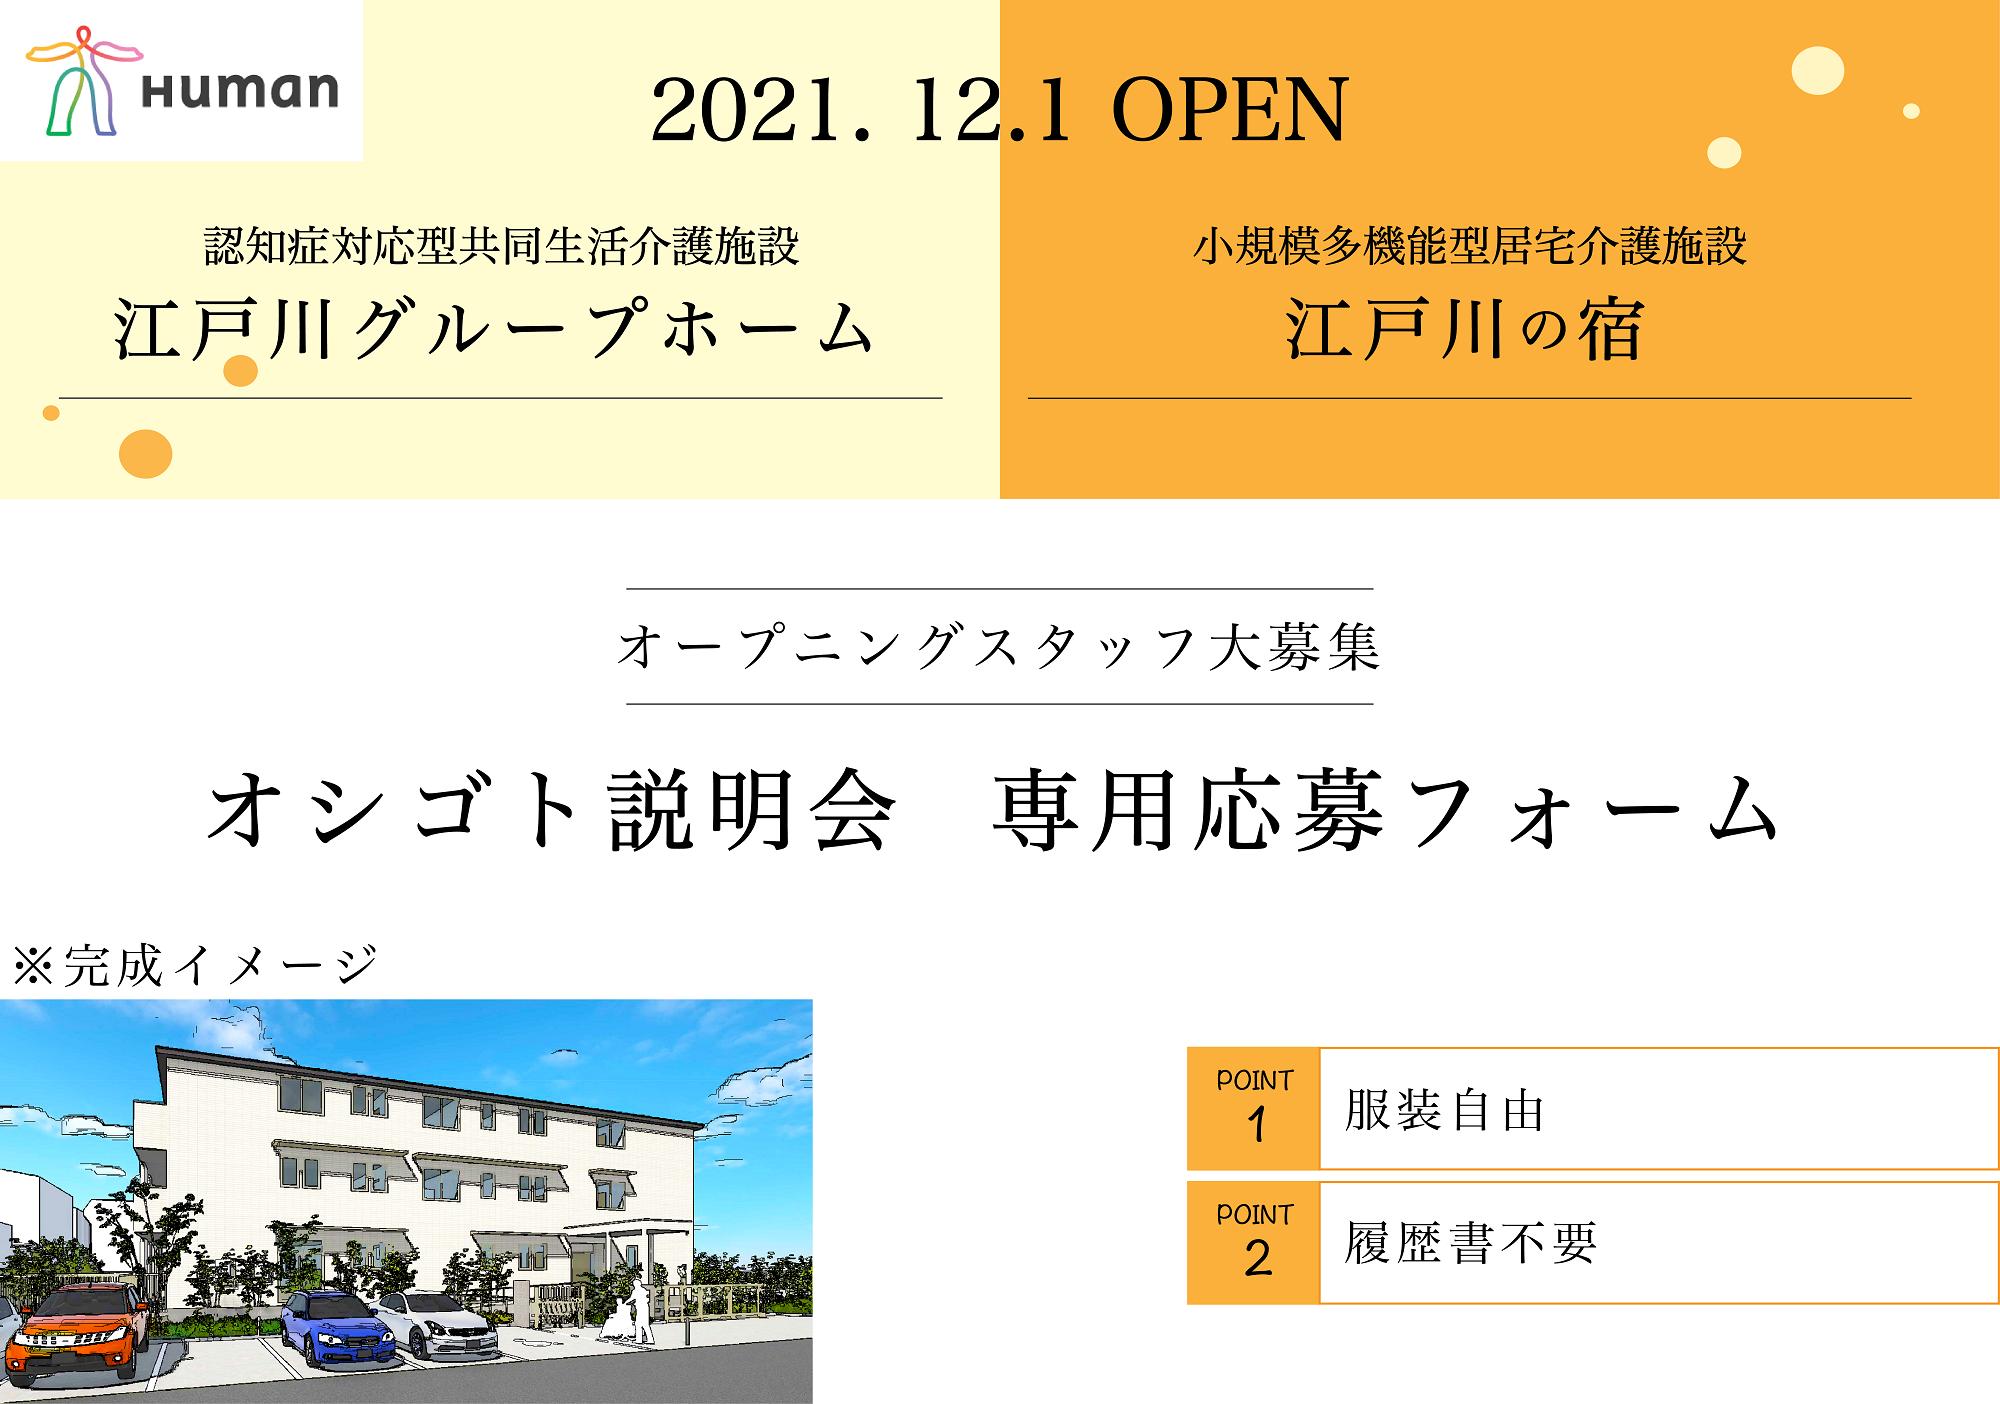 オシゴト説明会開催!★★2021年12月新規開設★★江戸川グループホーム・江戸川の宿